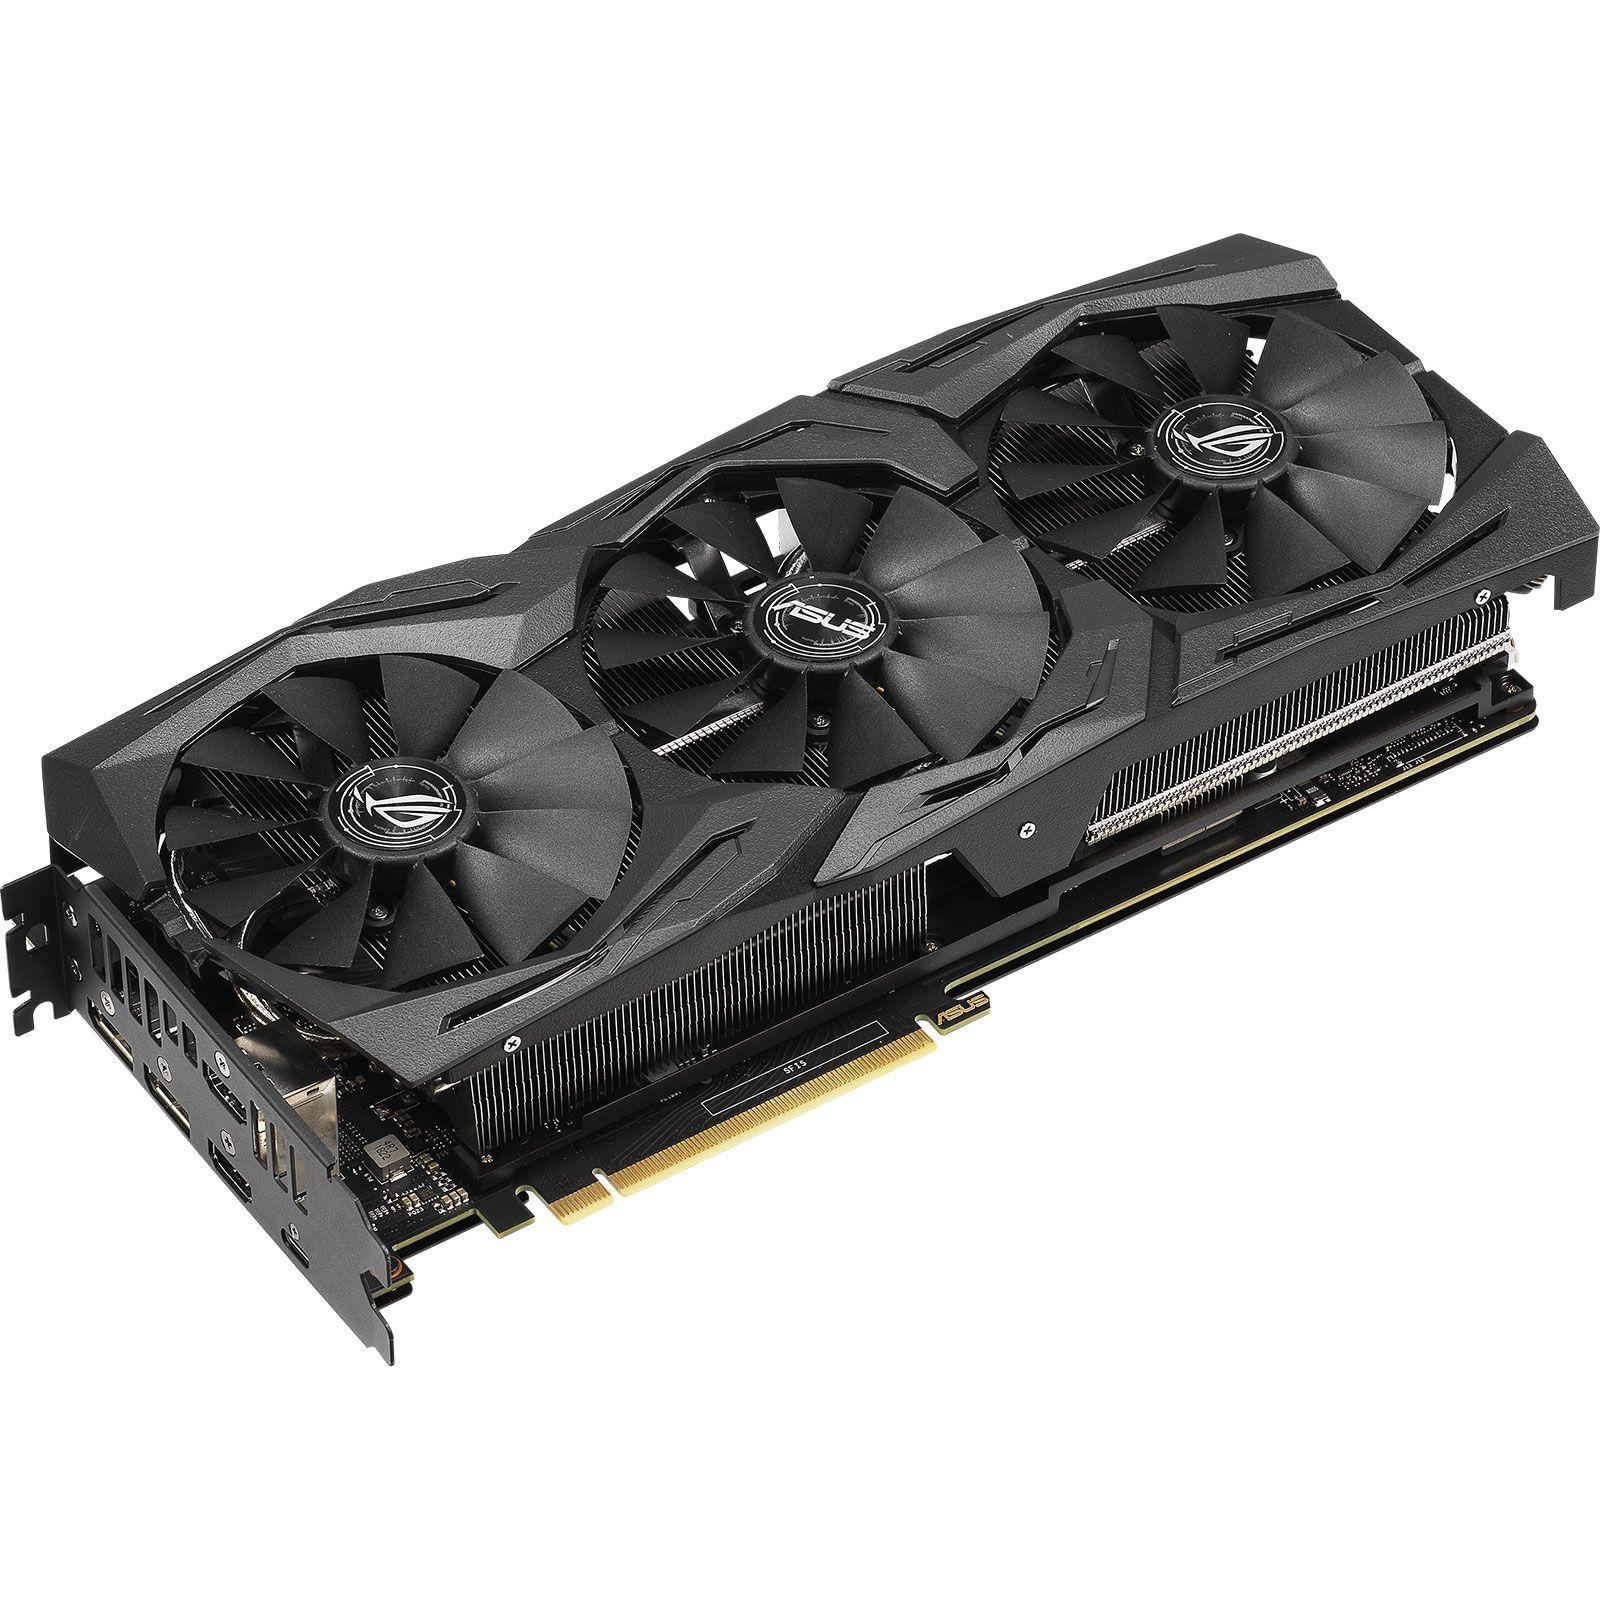 Asus ROG GeForce RTX 2070 Strix OC